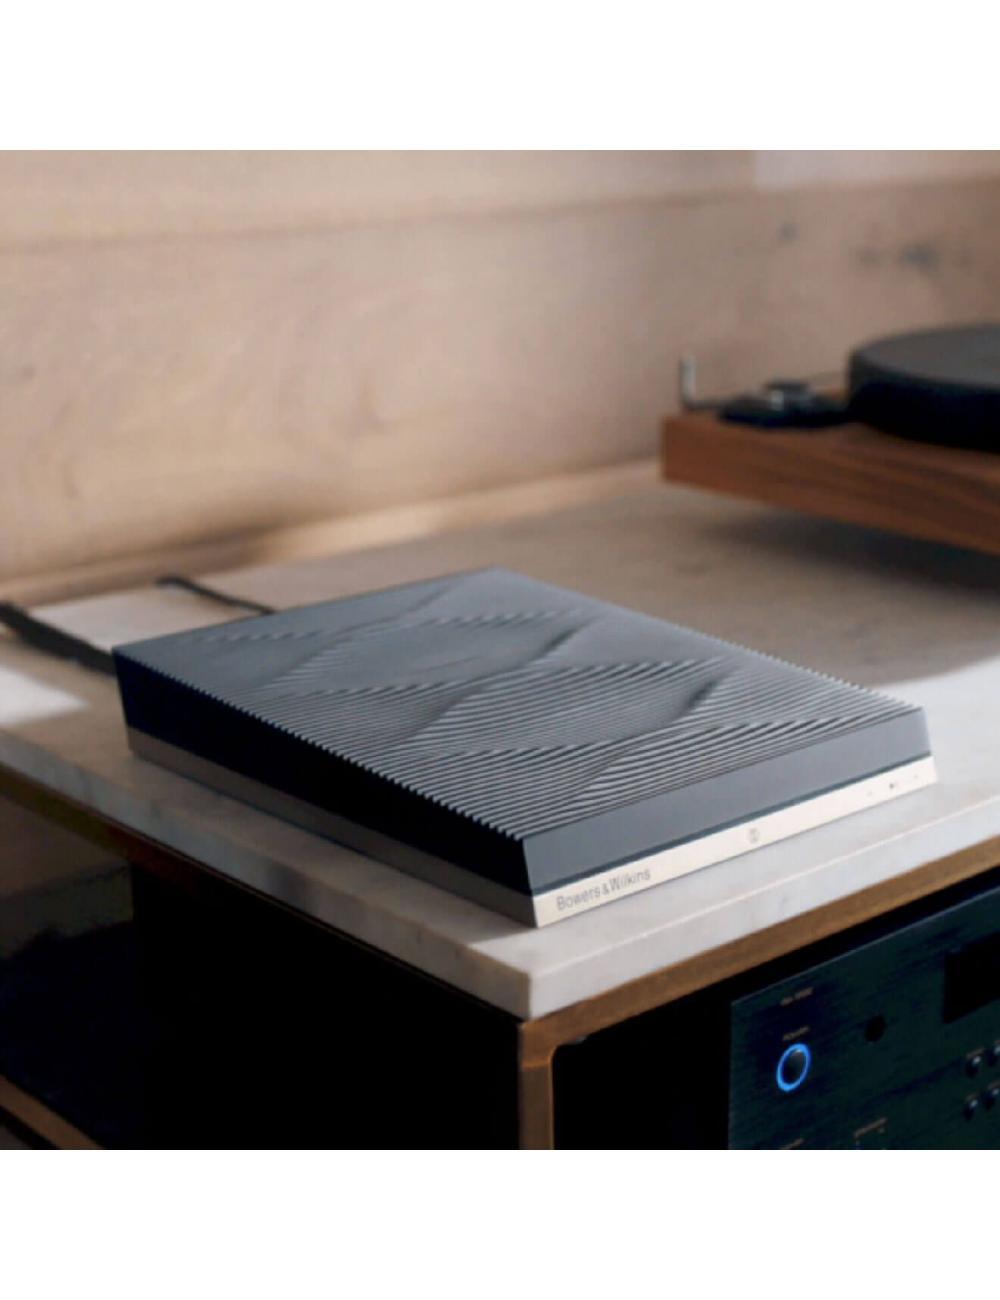 streamer musicale audiofilo HiFi wireless,  Bowers & Wilkins Formation Audio, vista in ambiente, finitura Nero